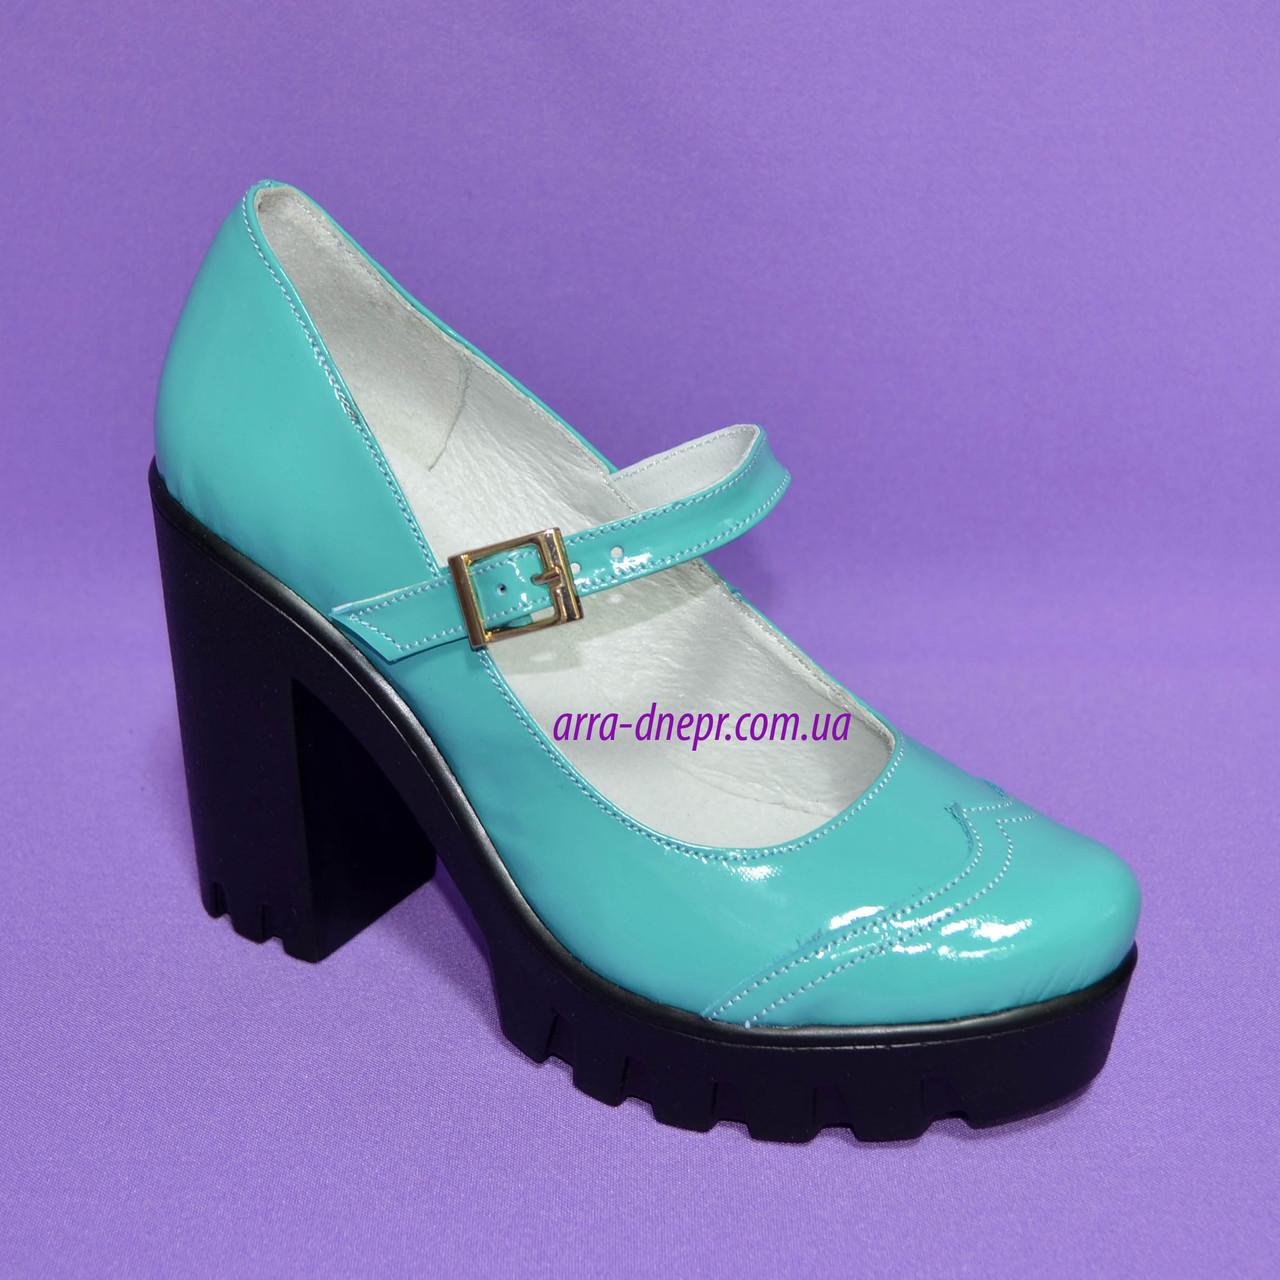 Женские туфли на тракторной подошве, натуральная лаковая кожа, цвет бирюза